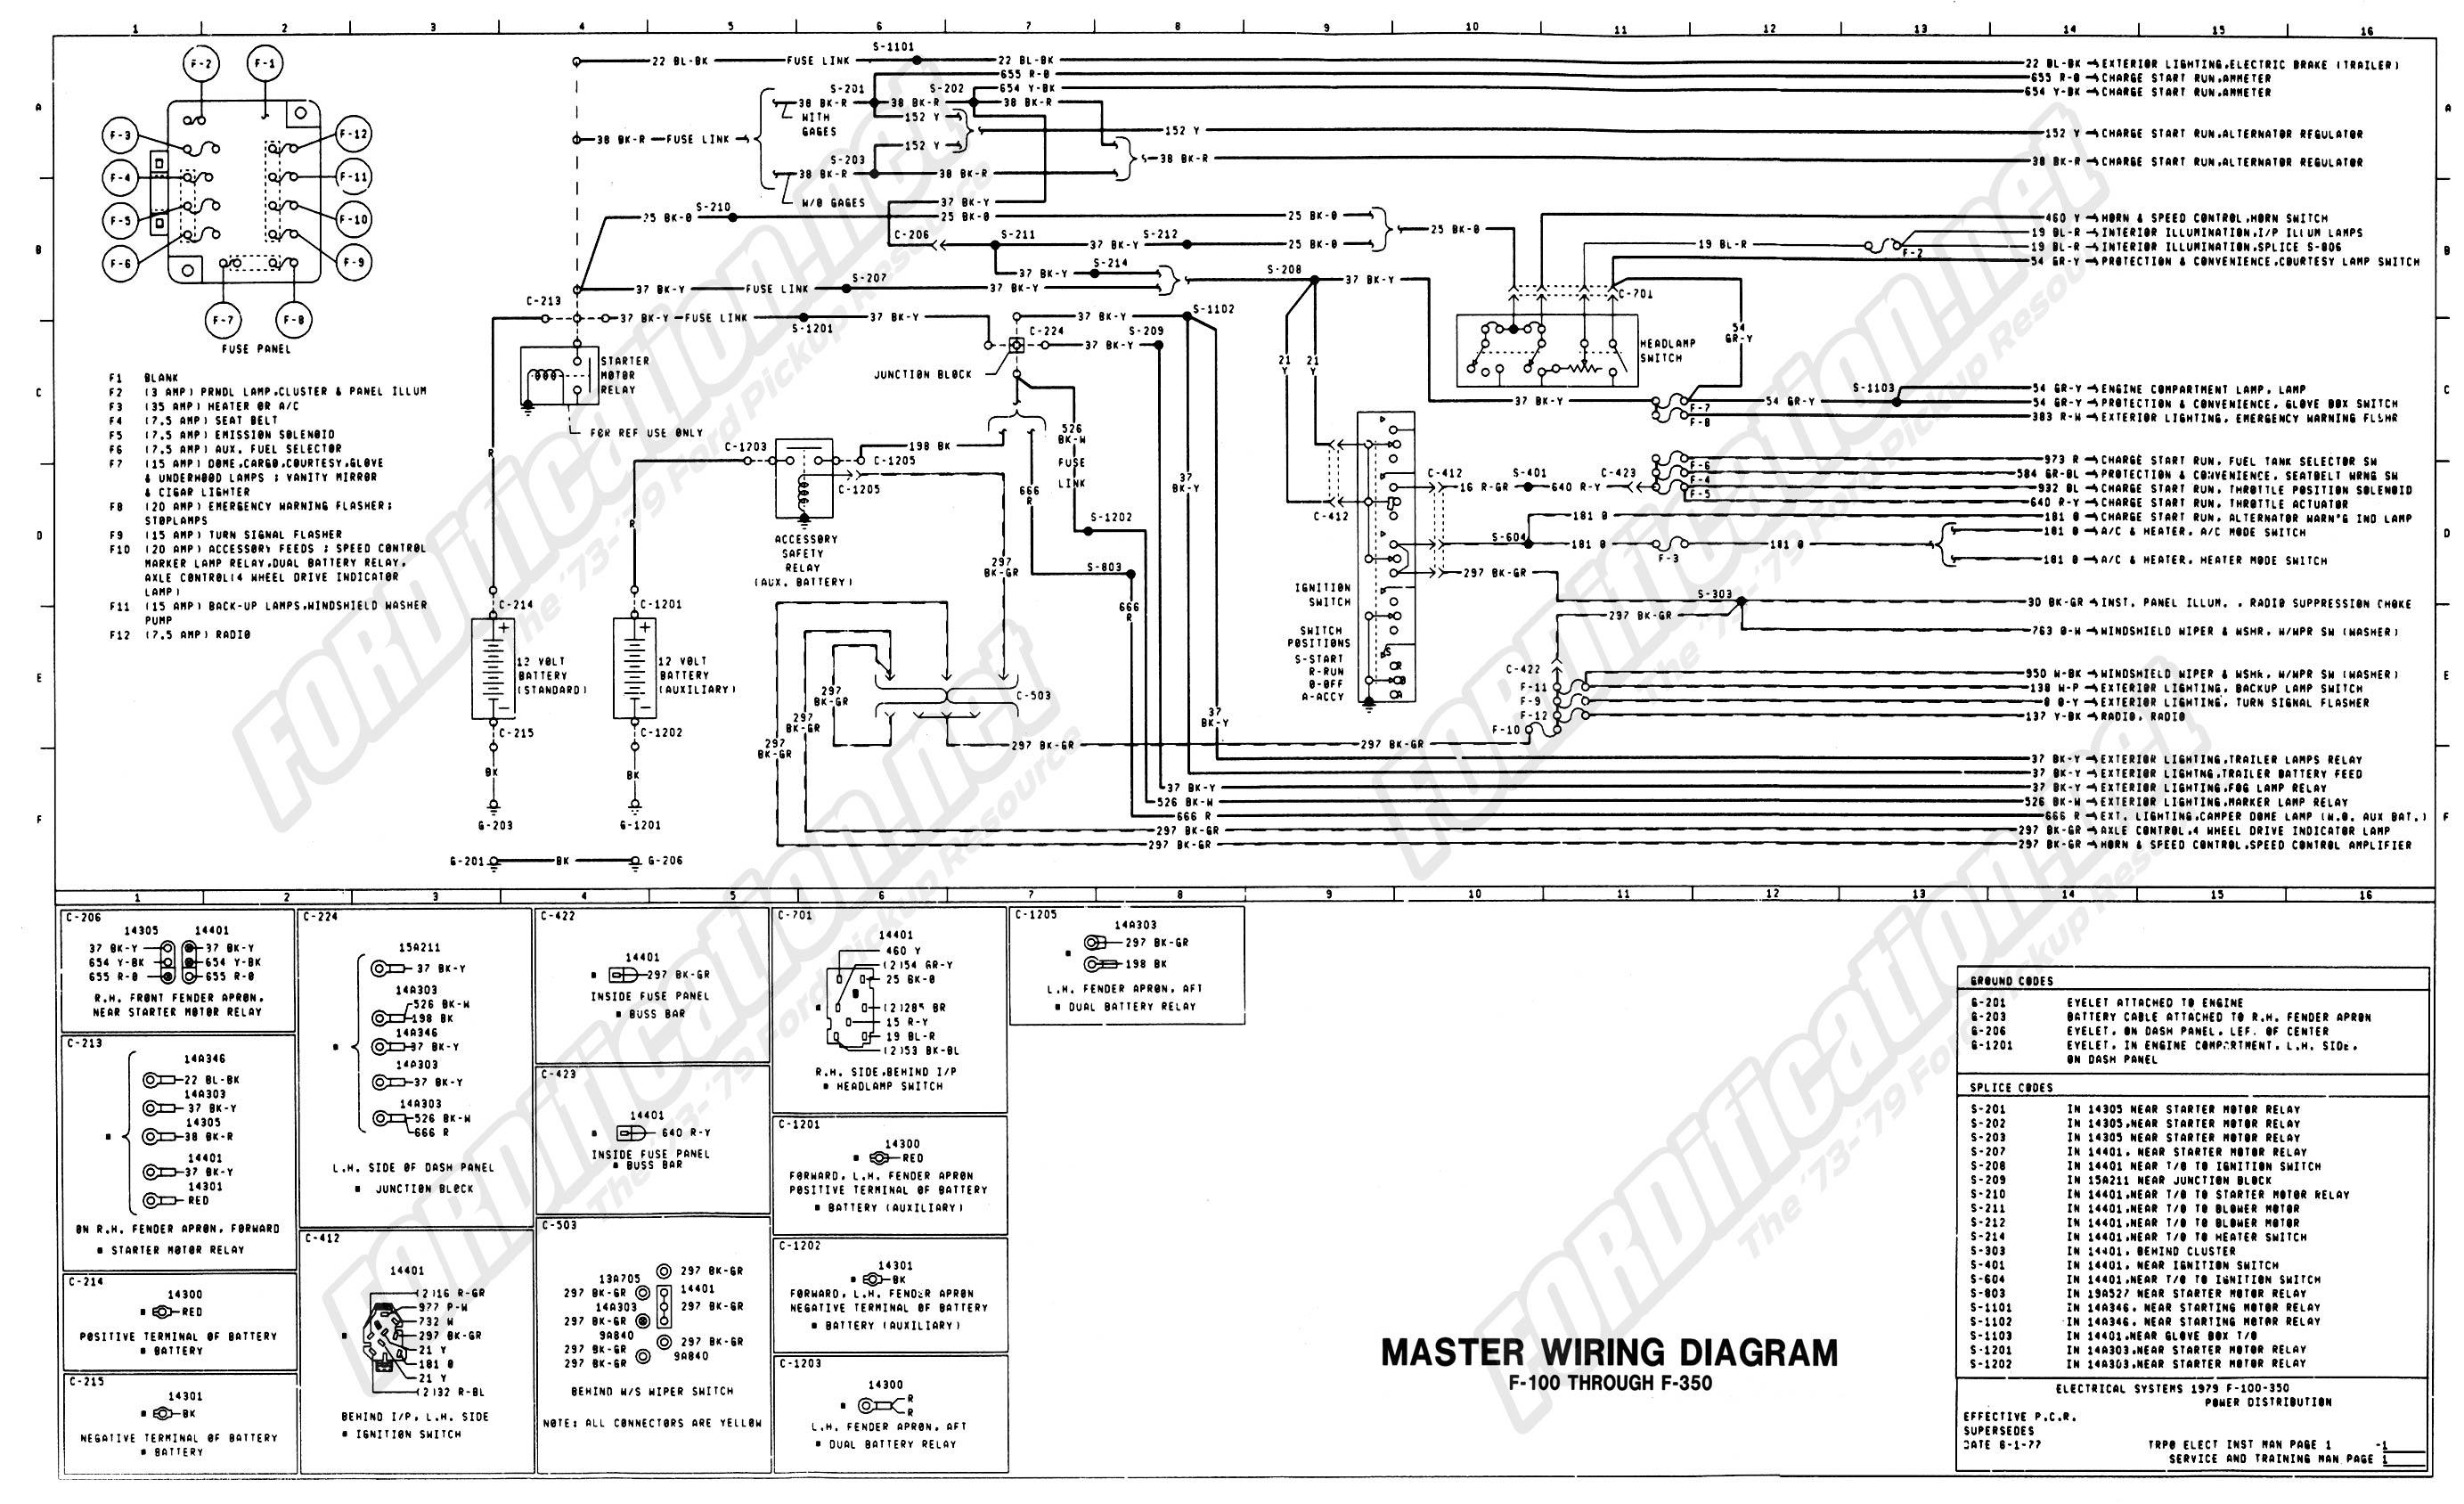 2010 F150 Wiring Schematic